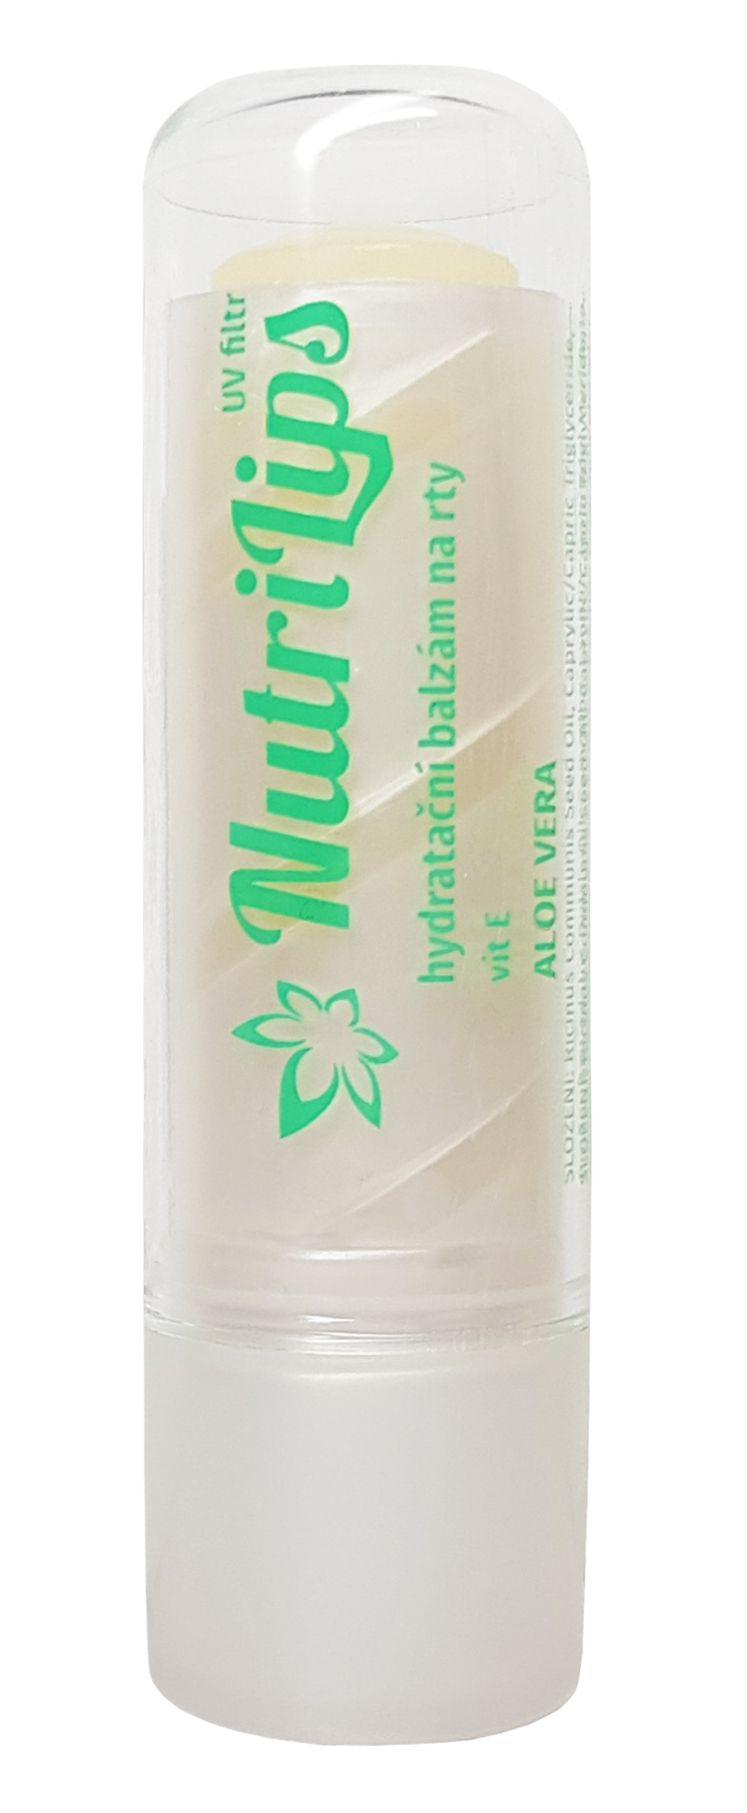 Nutricius Nutrilips Aloe Vera balzám na rty 4,8 g